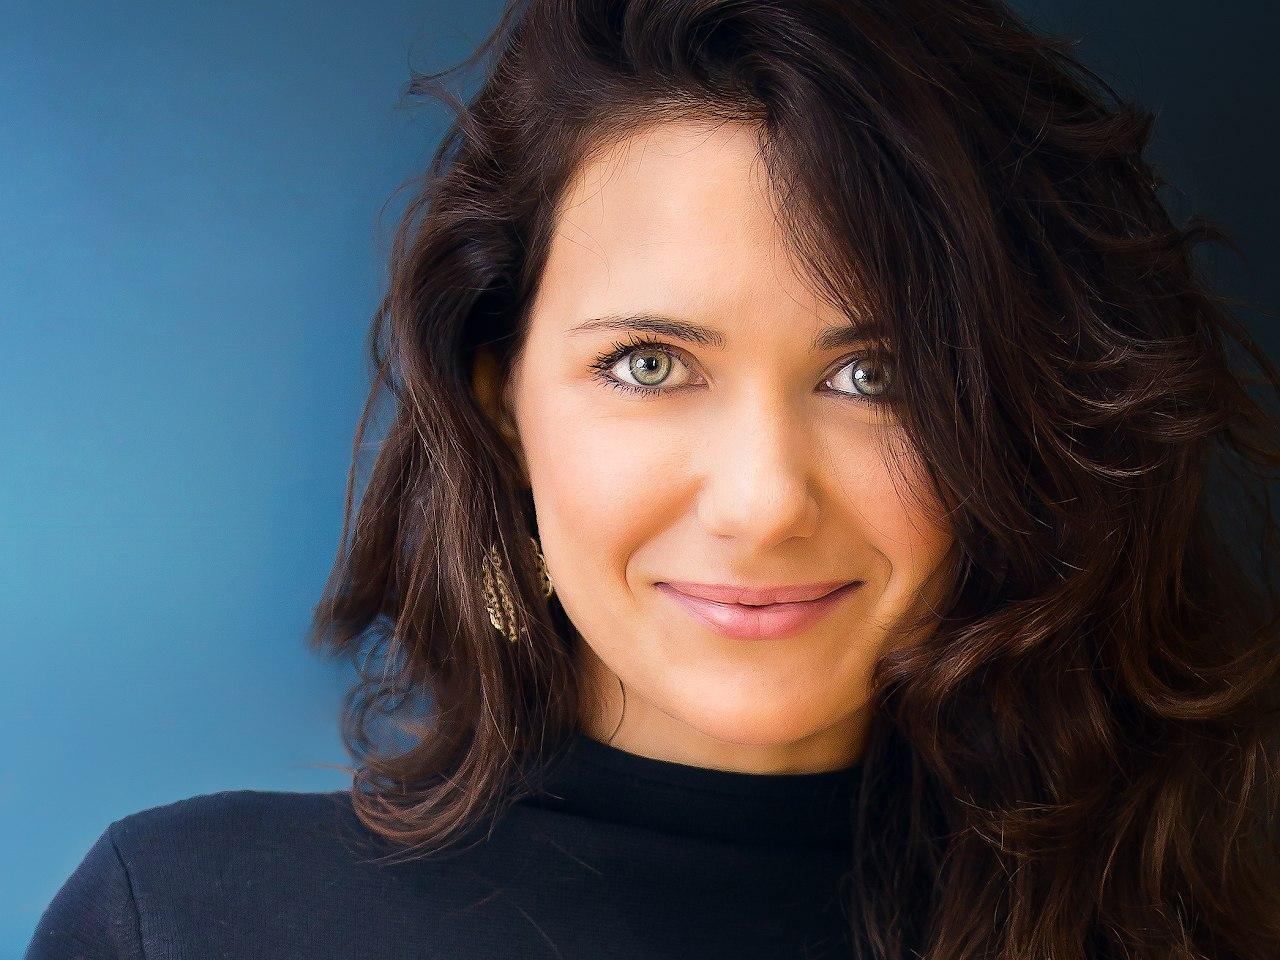 фото екатерины климовой актрисы